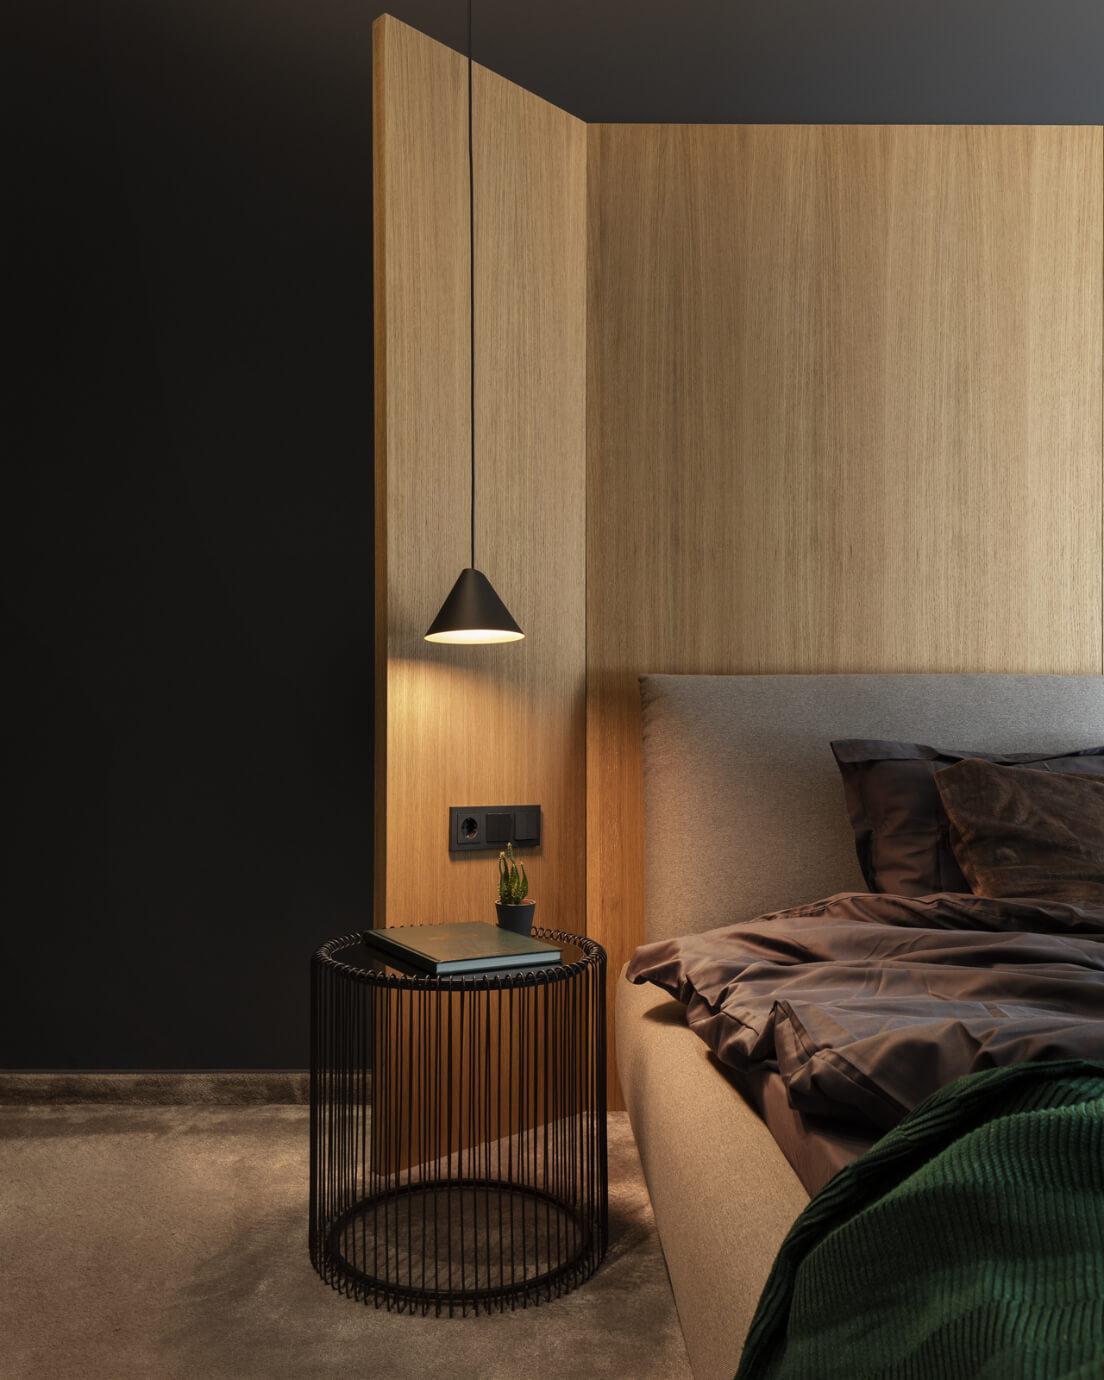 Спалня - нощна лампа и масичка